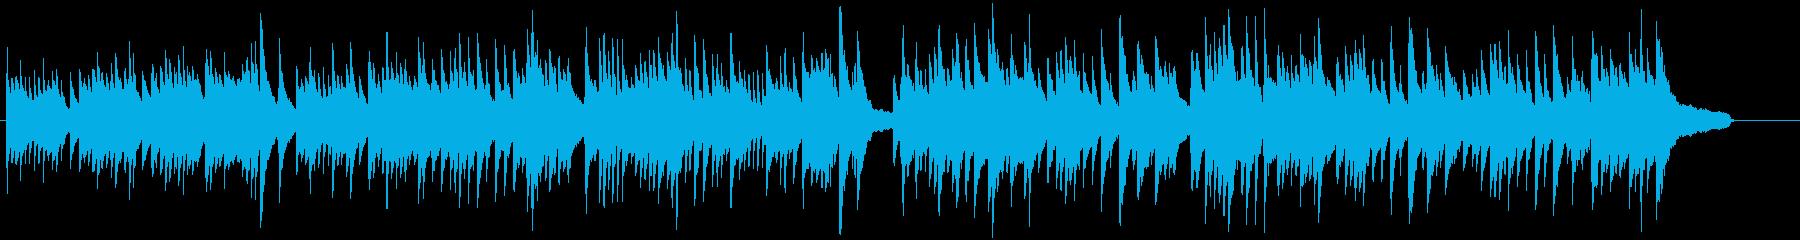 感動のエンディングを迎える春のピアノソロの再生済みの波形